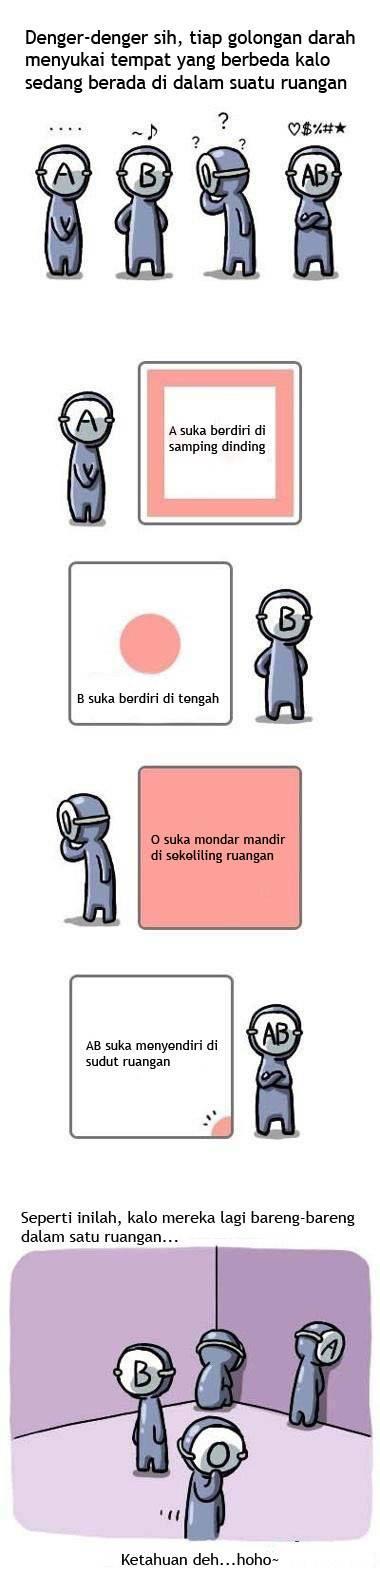 Golongan darah O